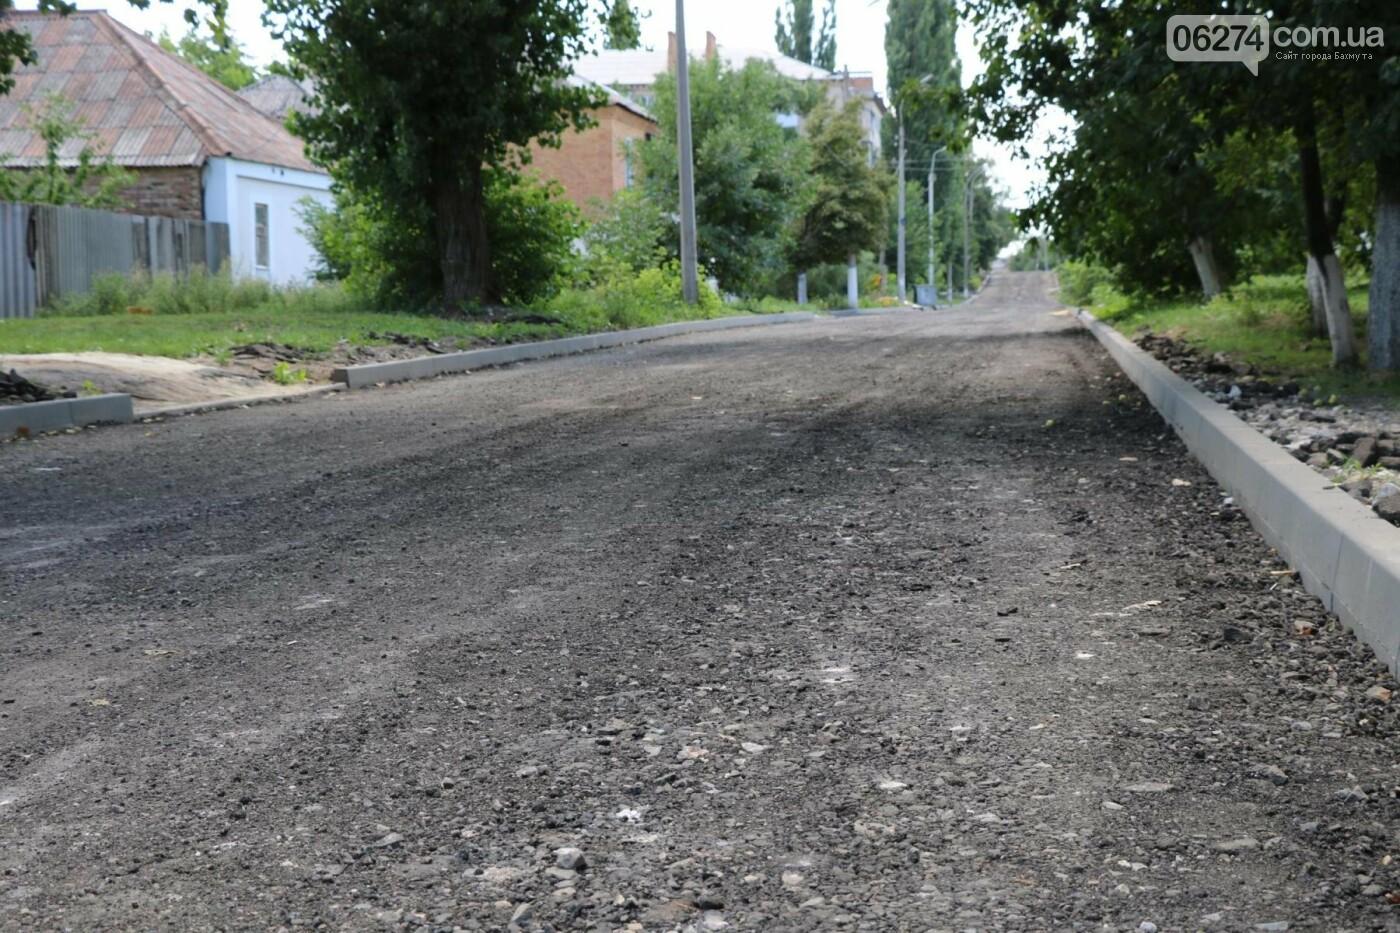 Ремонт дорог в Бахмуте: реконструкция Ростовской продлится до конца года, фото-1